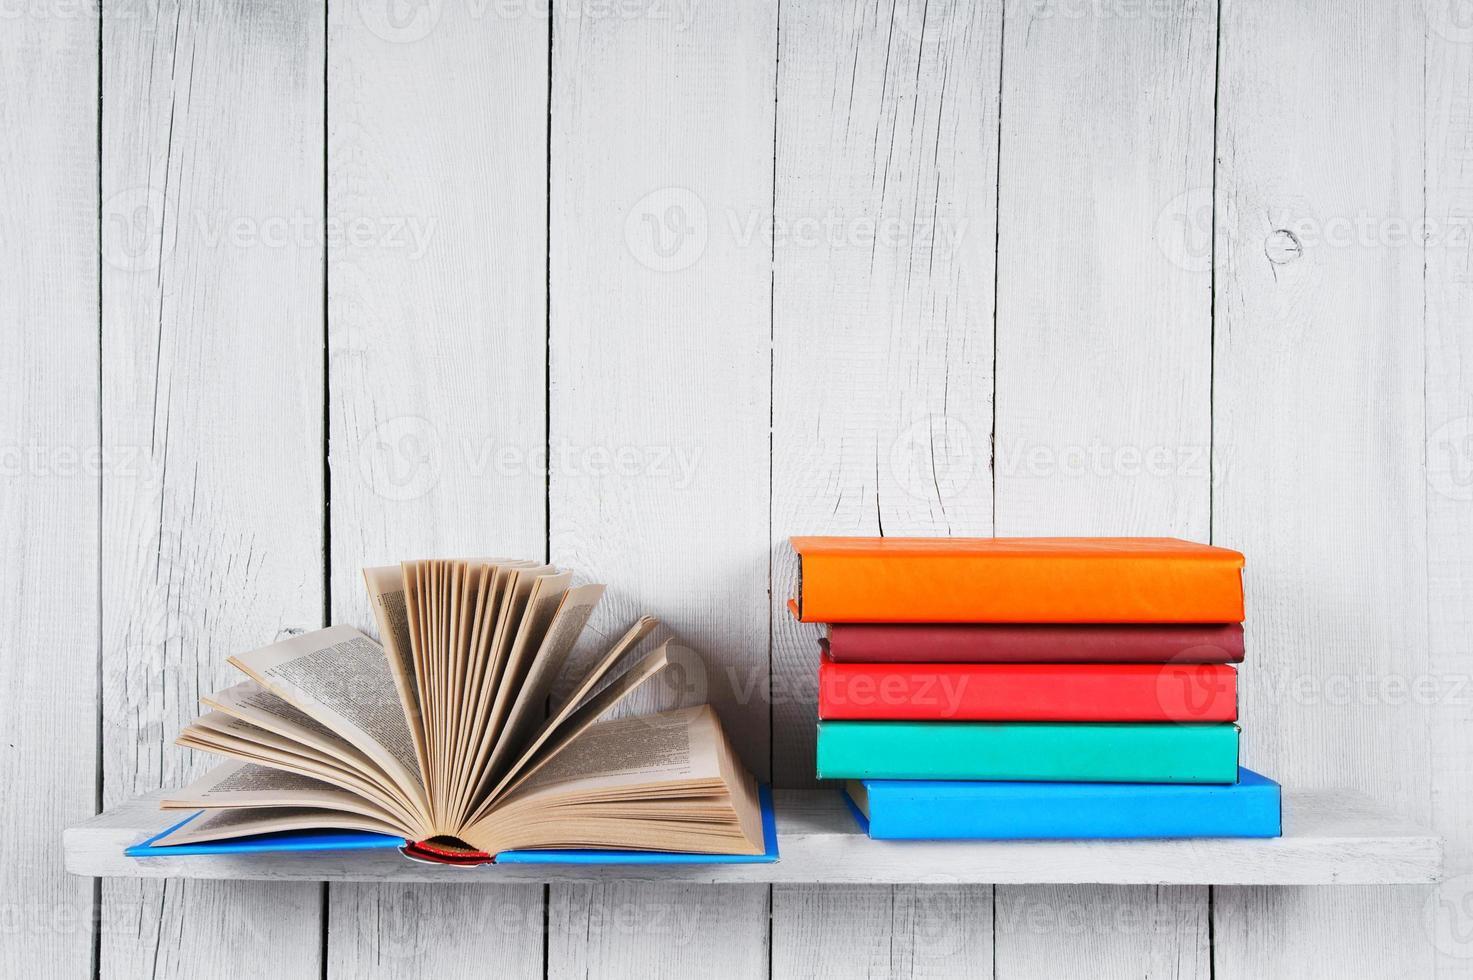 het open boek en andere veelkleurige boeken. foto